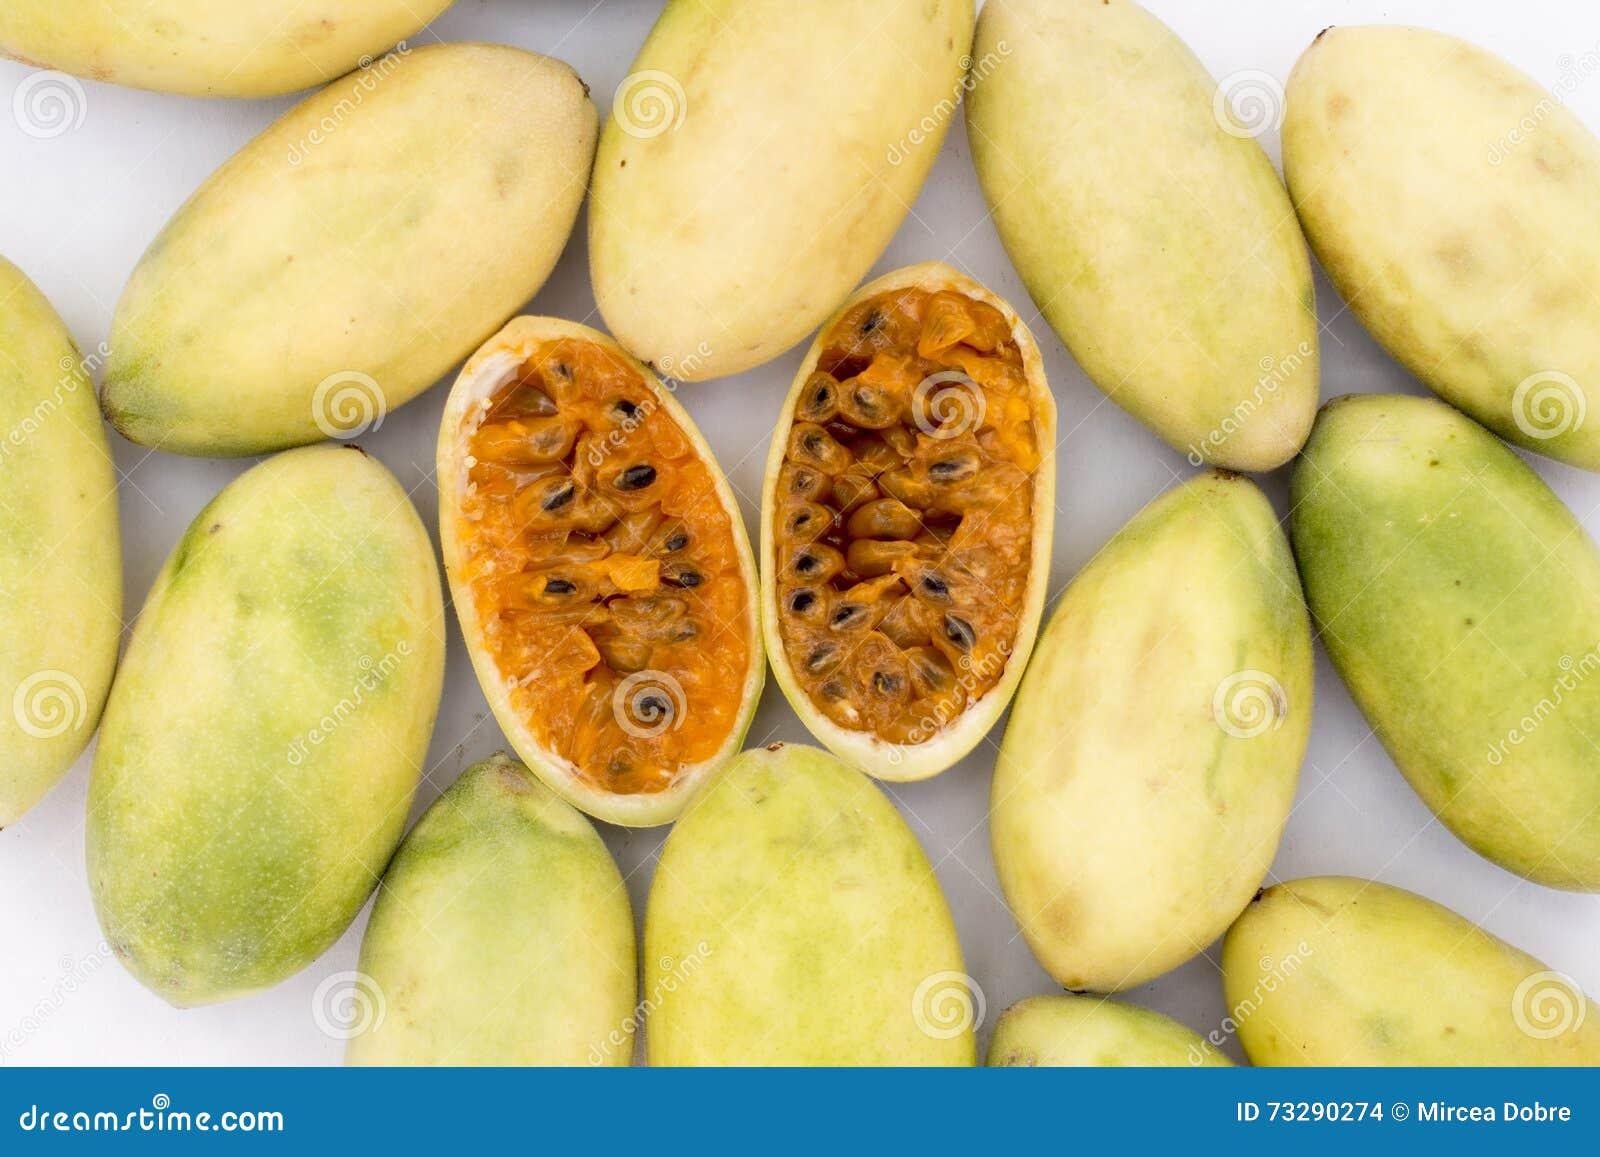 拉丁美洲的果子叫香蕉passionfruit (拉特 西番莲tripartita) (用主要西班牙语tumbo, curuba, taxo